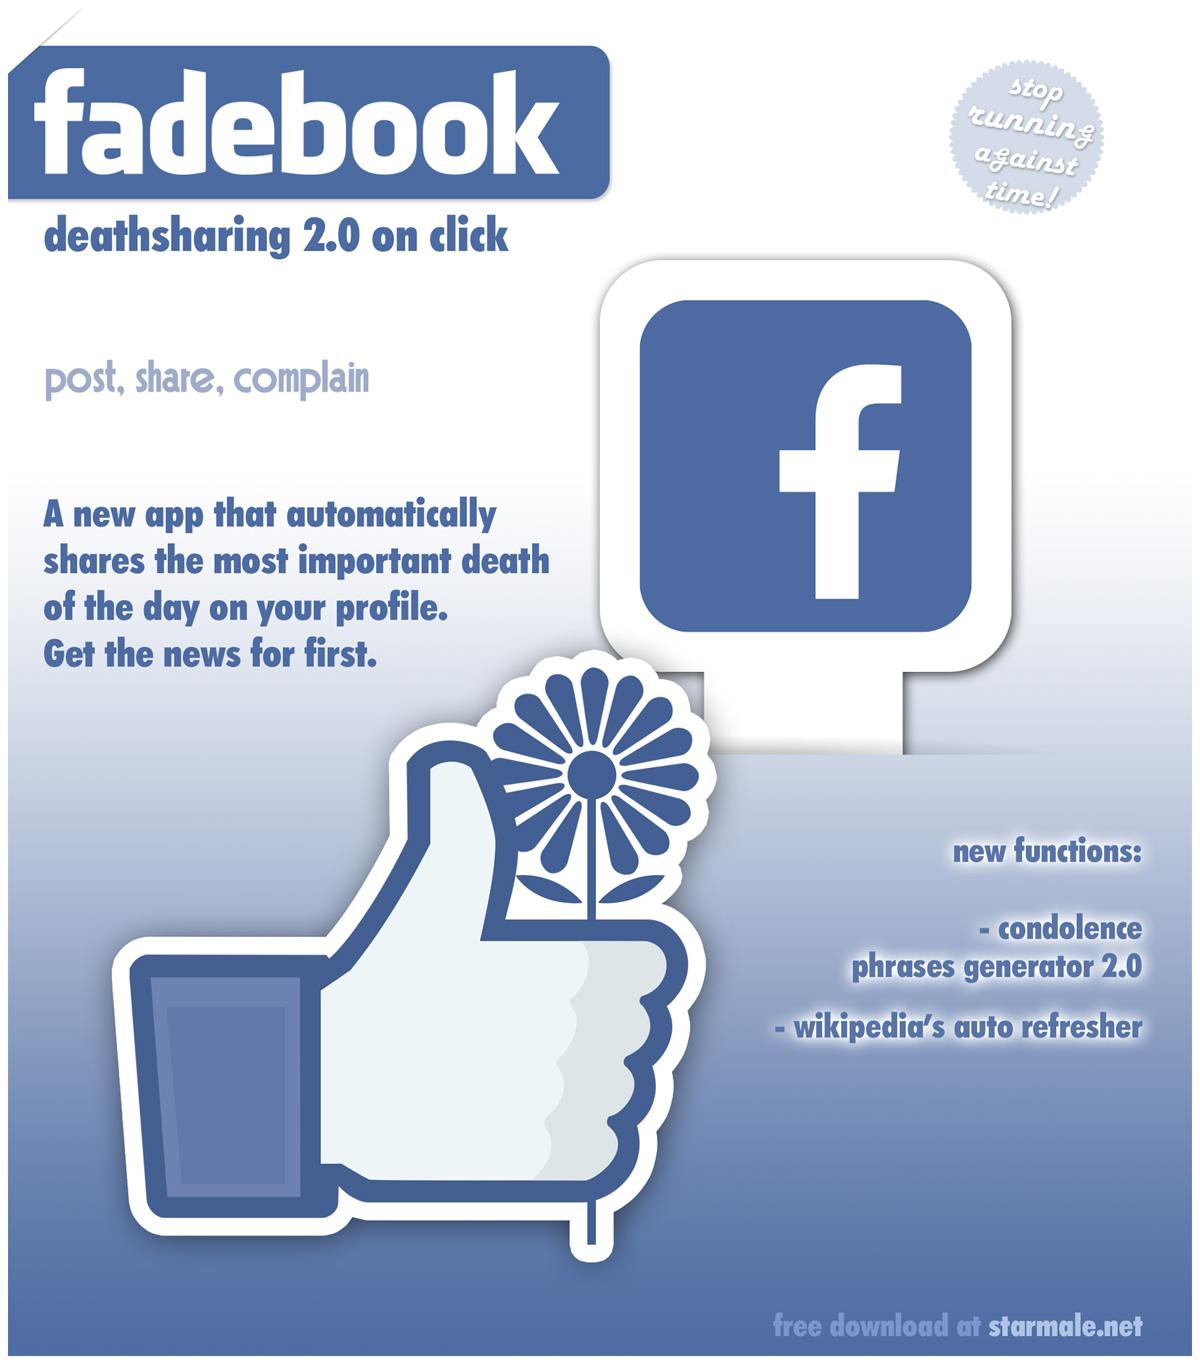 fadebook_en